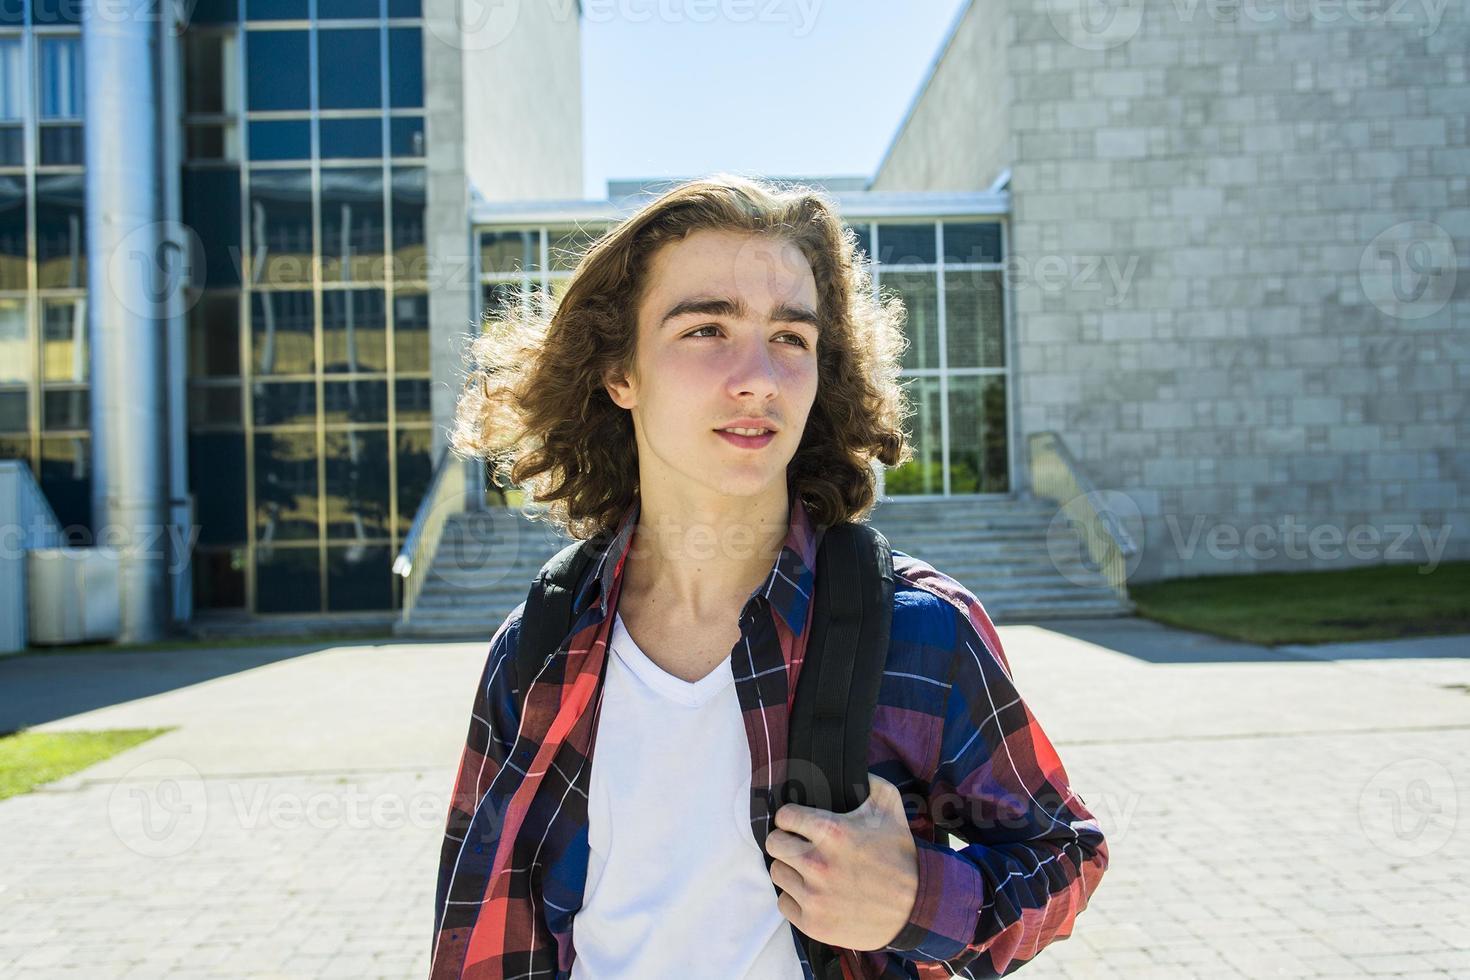 jovem estudante do sexo masculino bonito na faculdade, ao ar livre foto